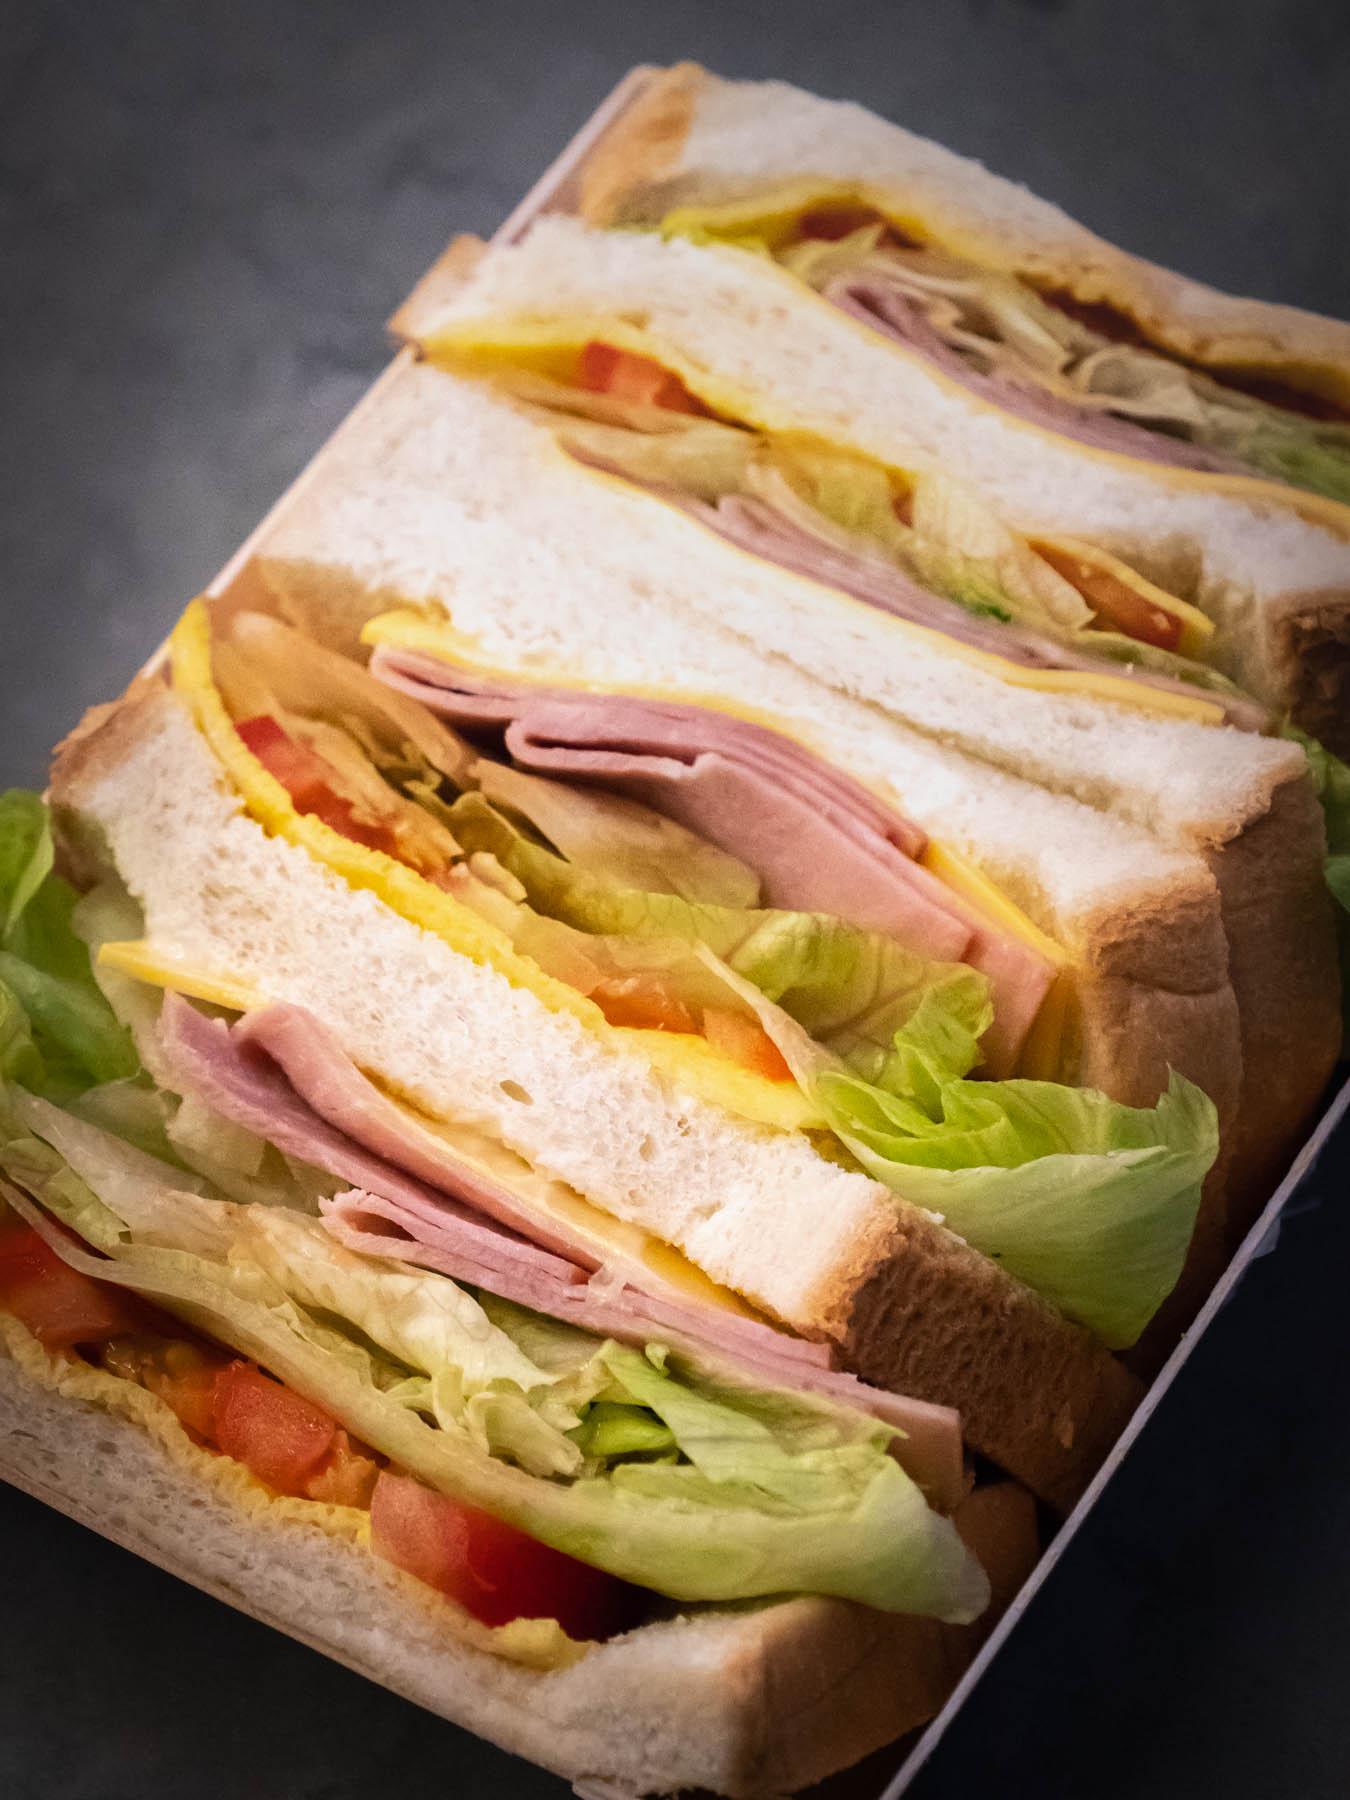 火腿蛋三明治(ハムと玉子のサンドイッチ)上蓋を外した状態